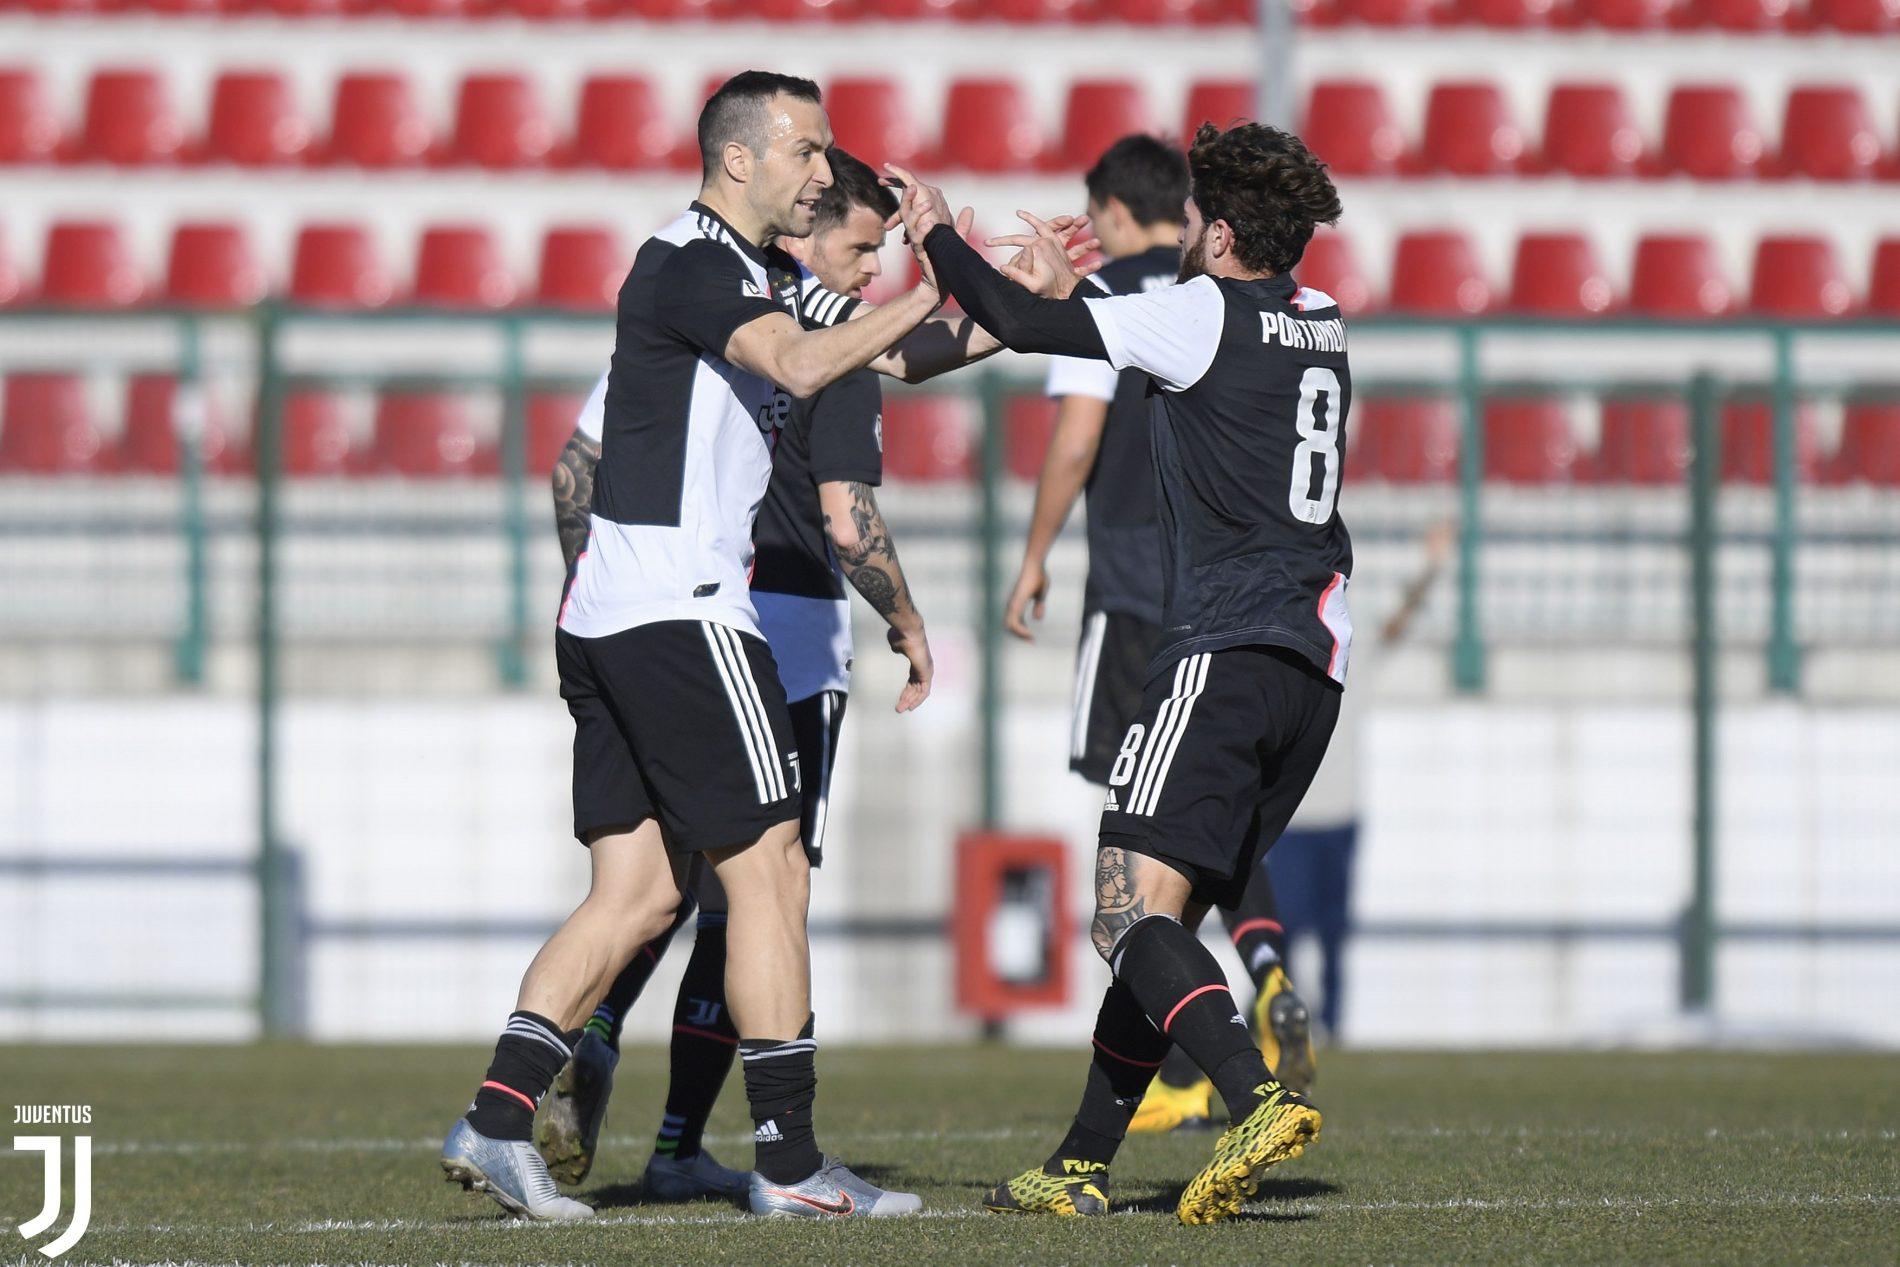 La Serie C E Le Squadre B Lo Strano Caso Della Juventus Under 23 Calcio Fere